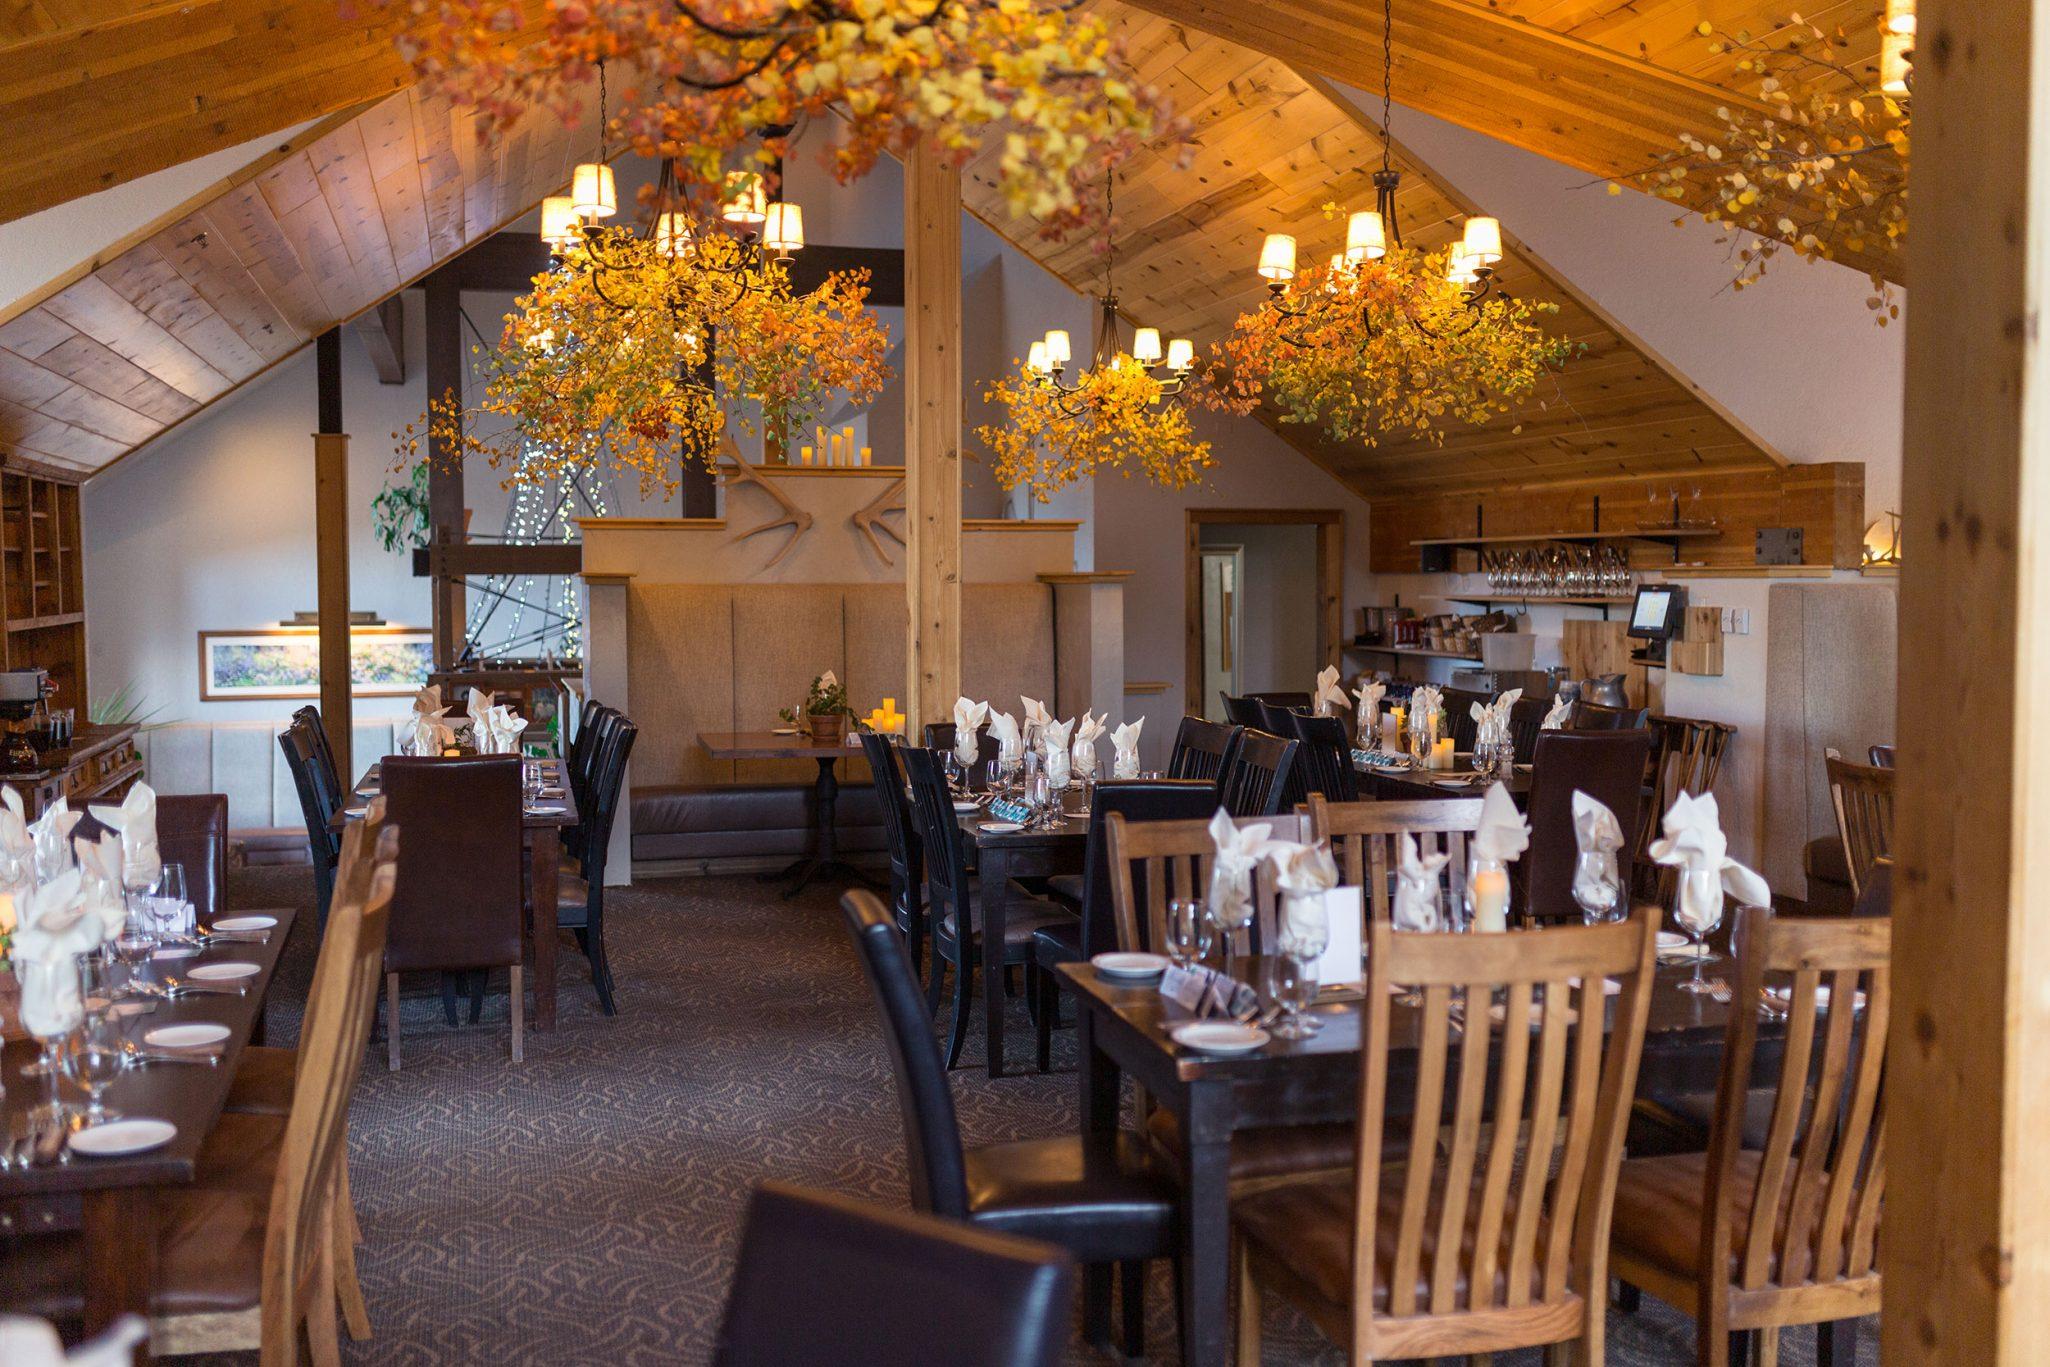 Wedding Reception at Silverpick Lodge, Durango, Colorado